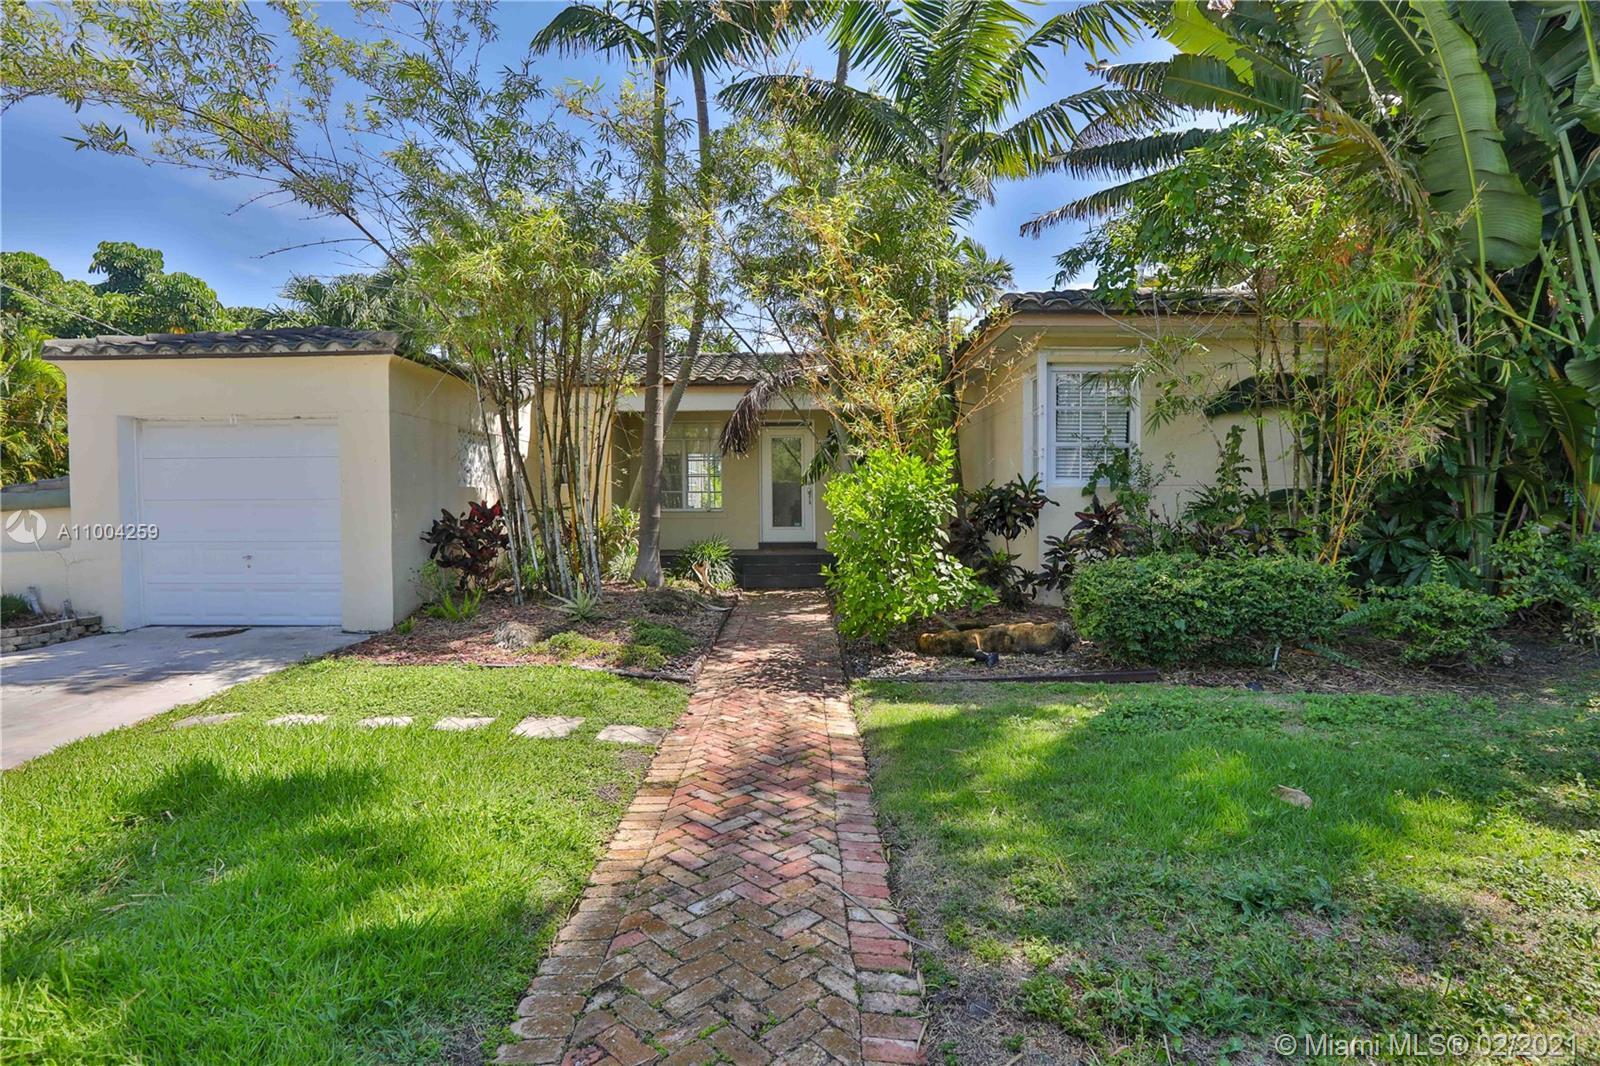 7425  Belle Meade Blvd  For Sale A11004259, FL